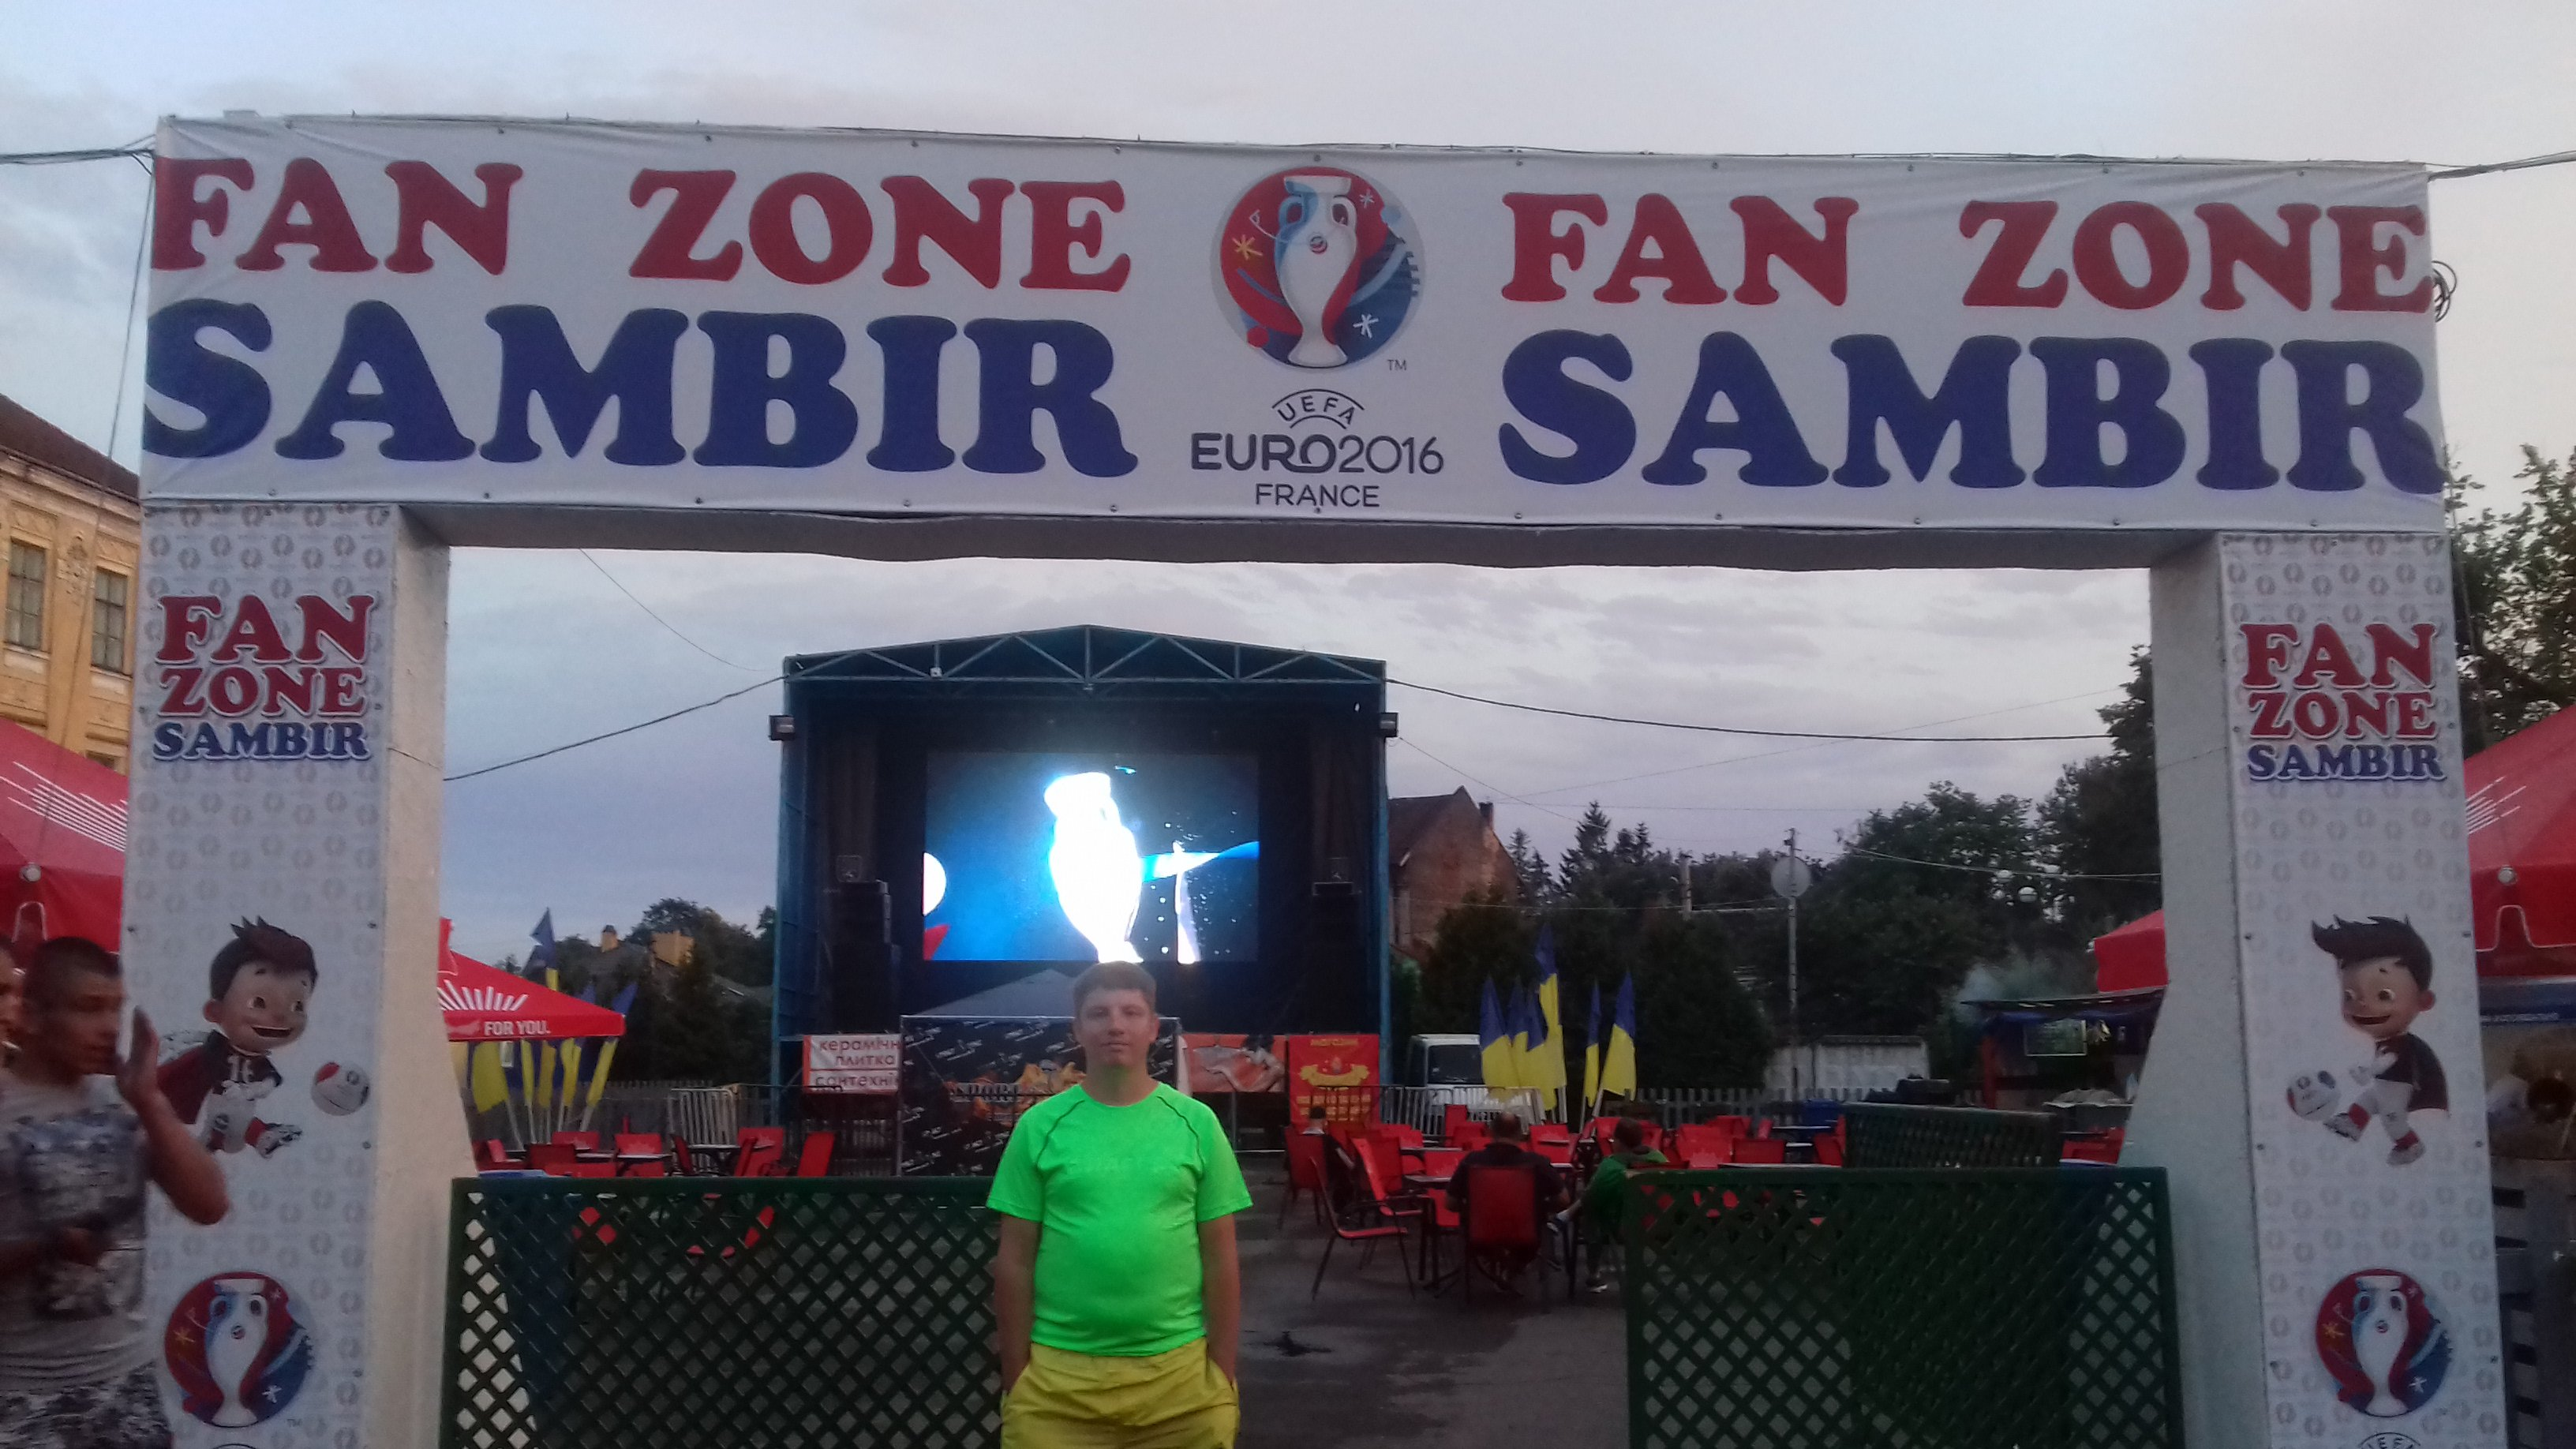 Провінційні стадіони України: Дерев'яно-пластикова арена у Самборі - фото 3